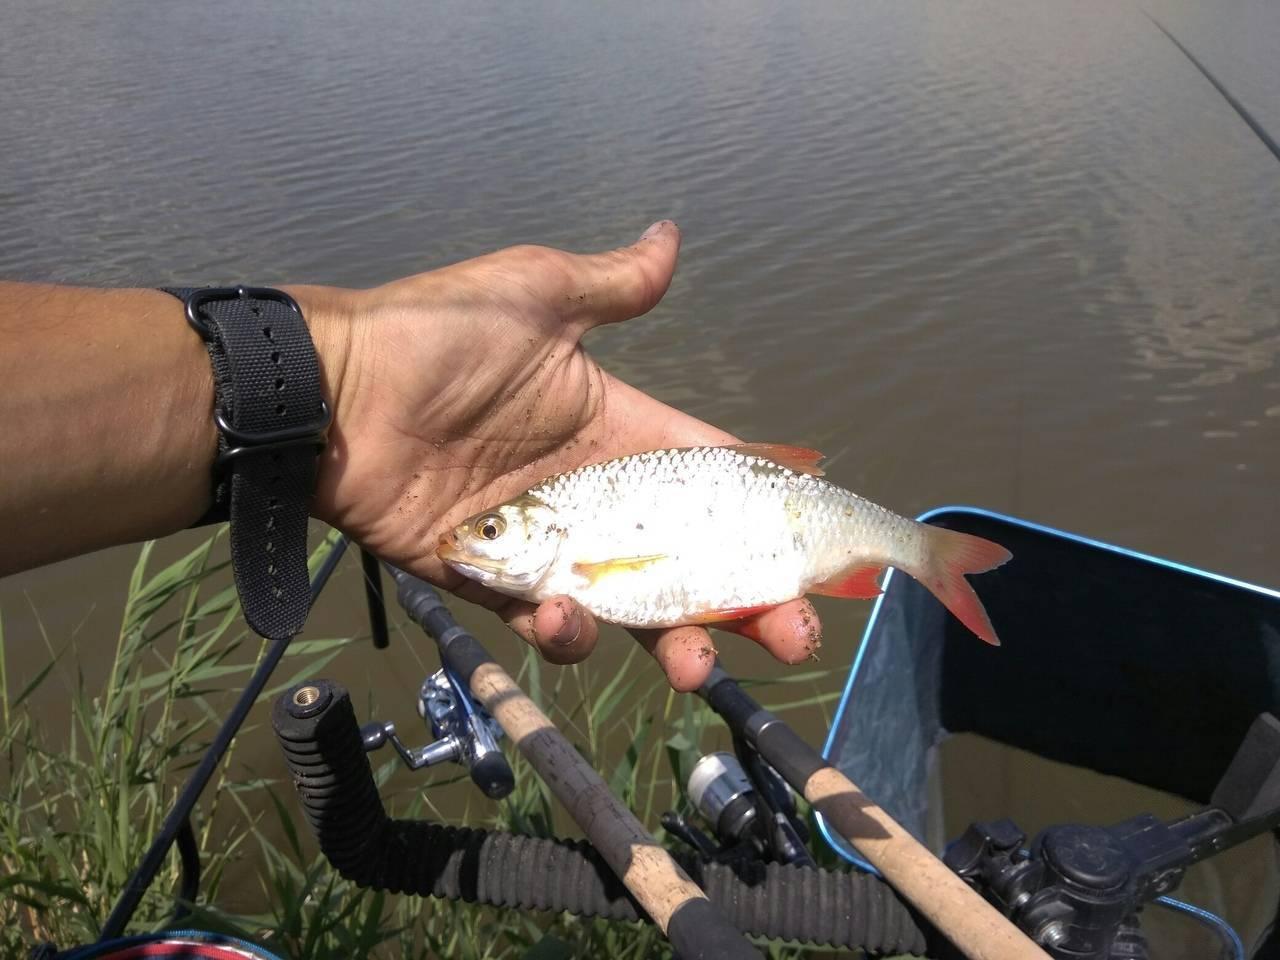 Бесплатно / поиск по тегам / рыболовная база - данные о прудах и водоемах краснодарского края